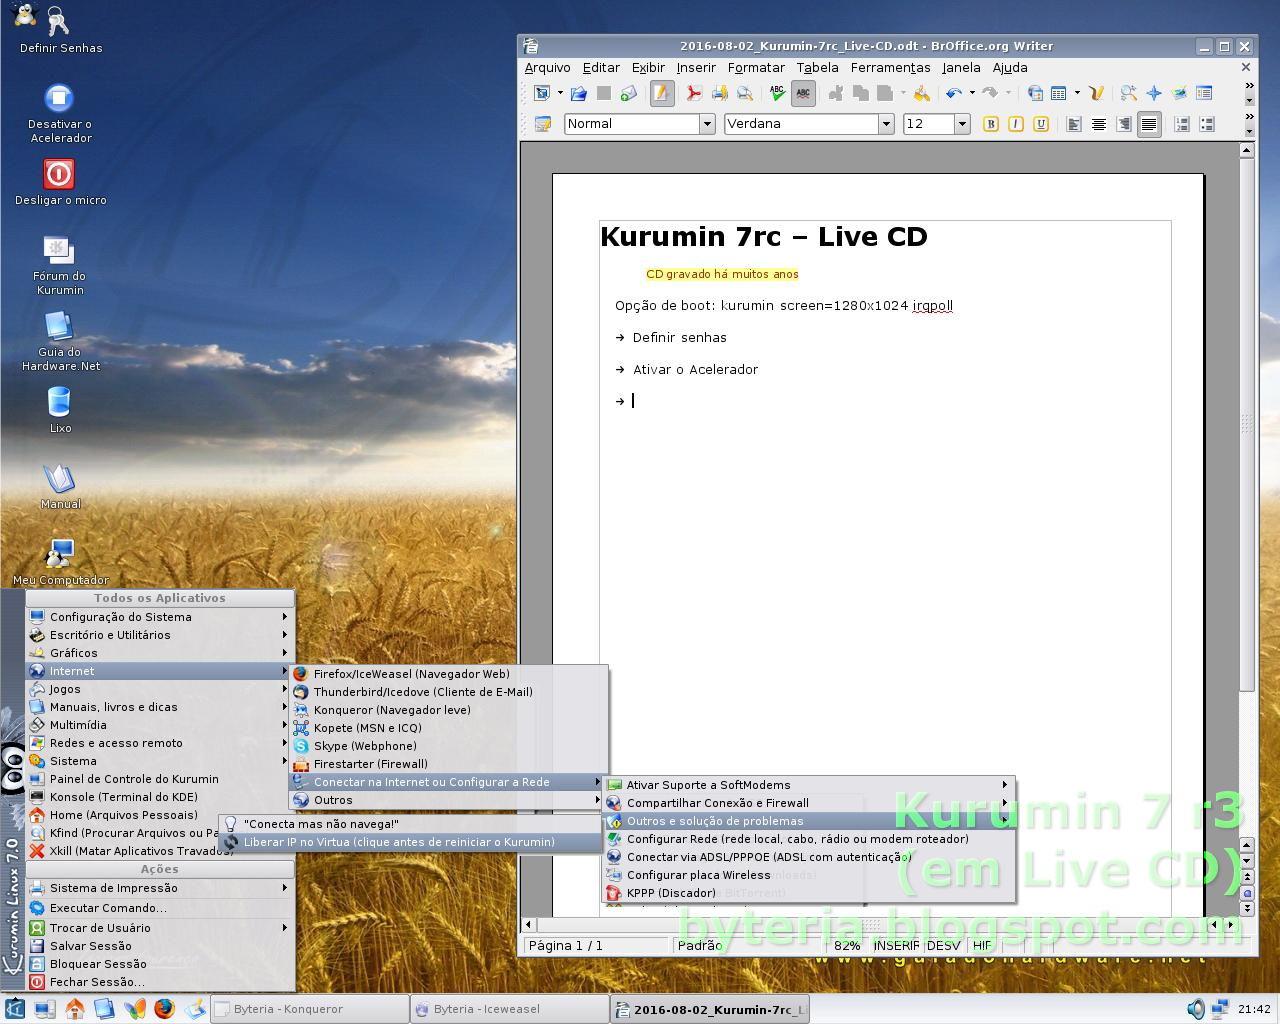 kurumin 7 live cd